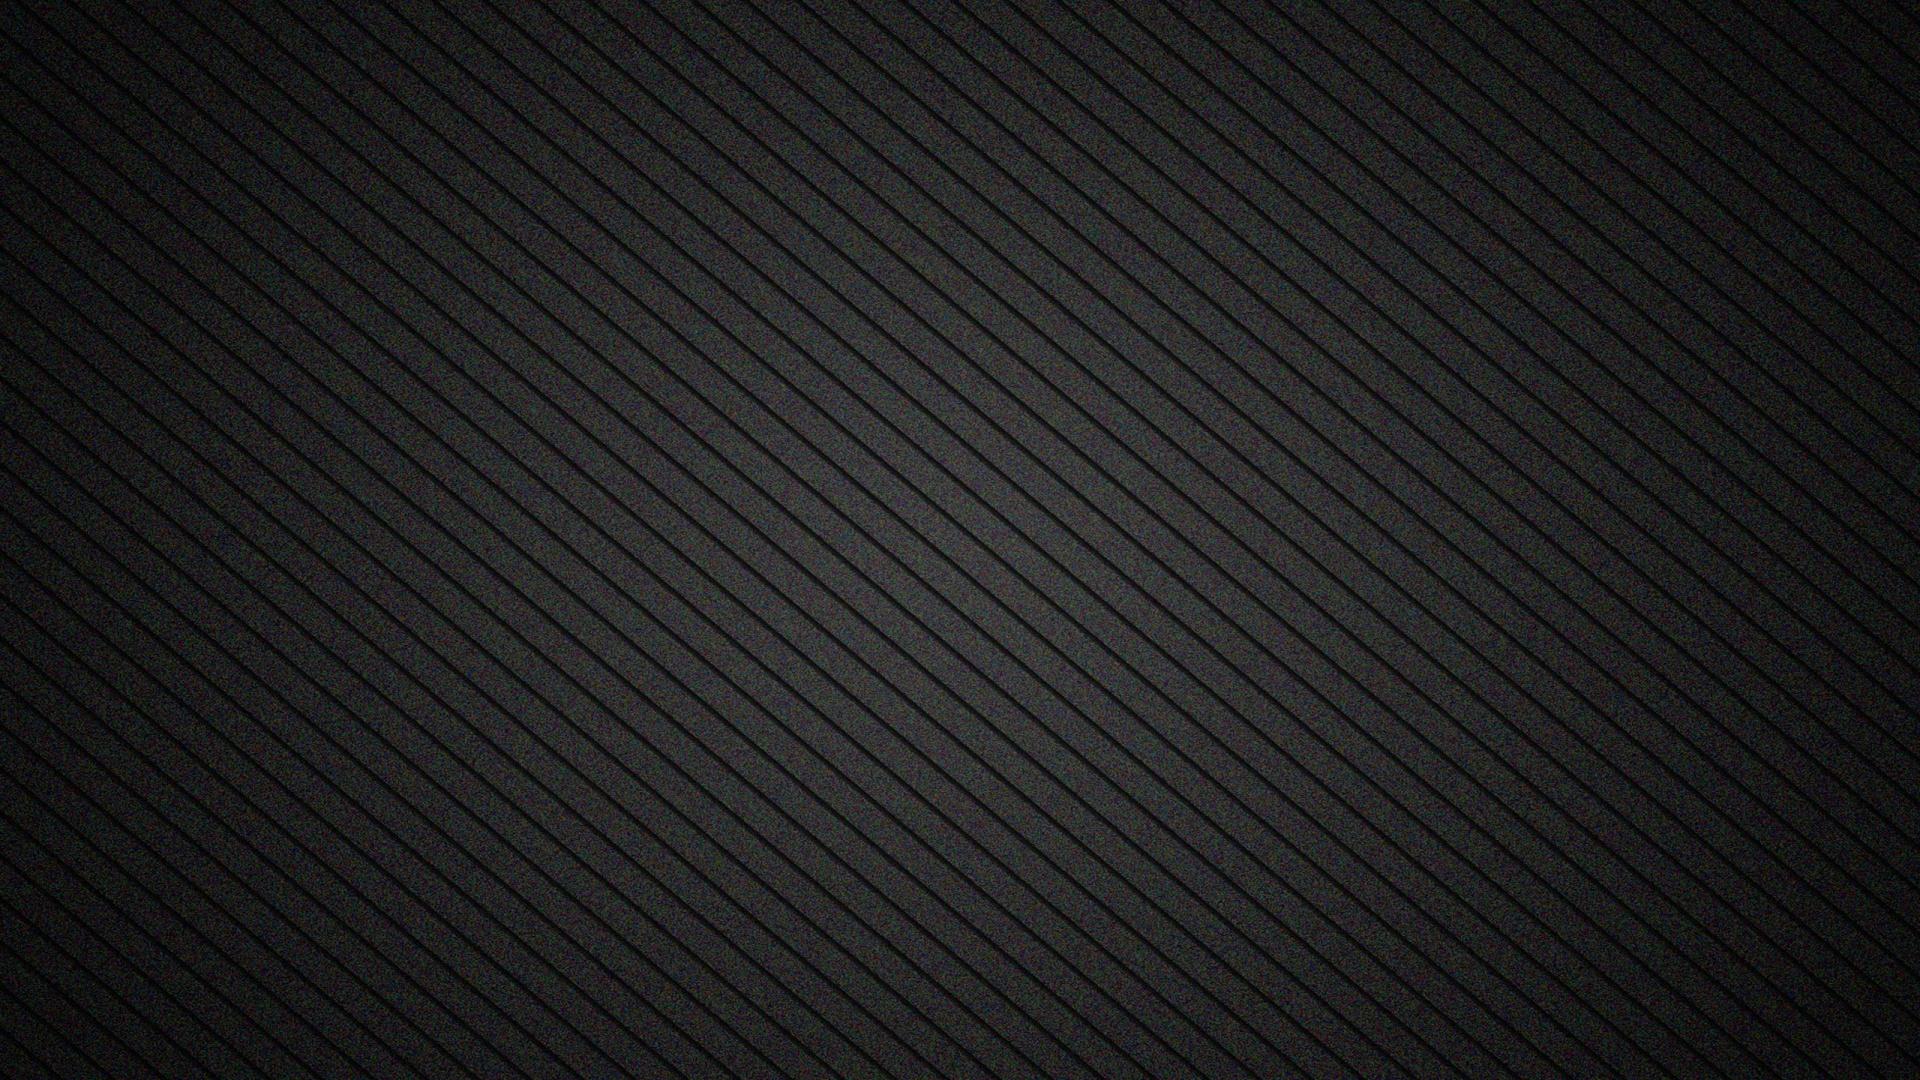 76 Black Desktop Wallpaper On Wallpapersafari